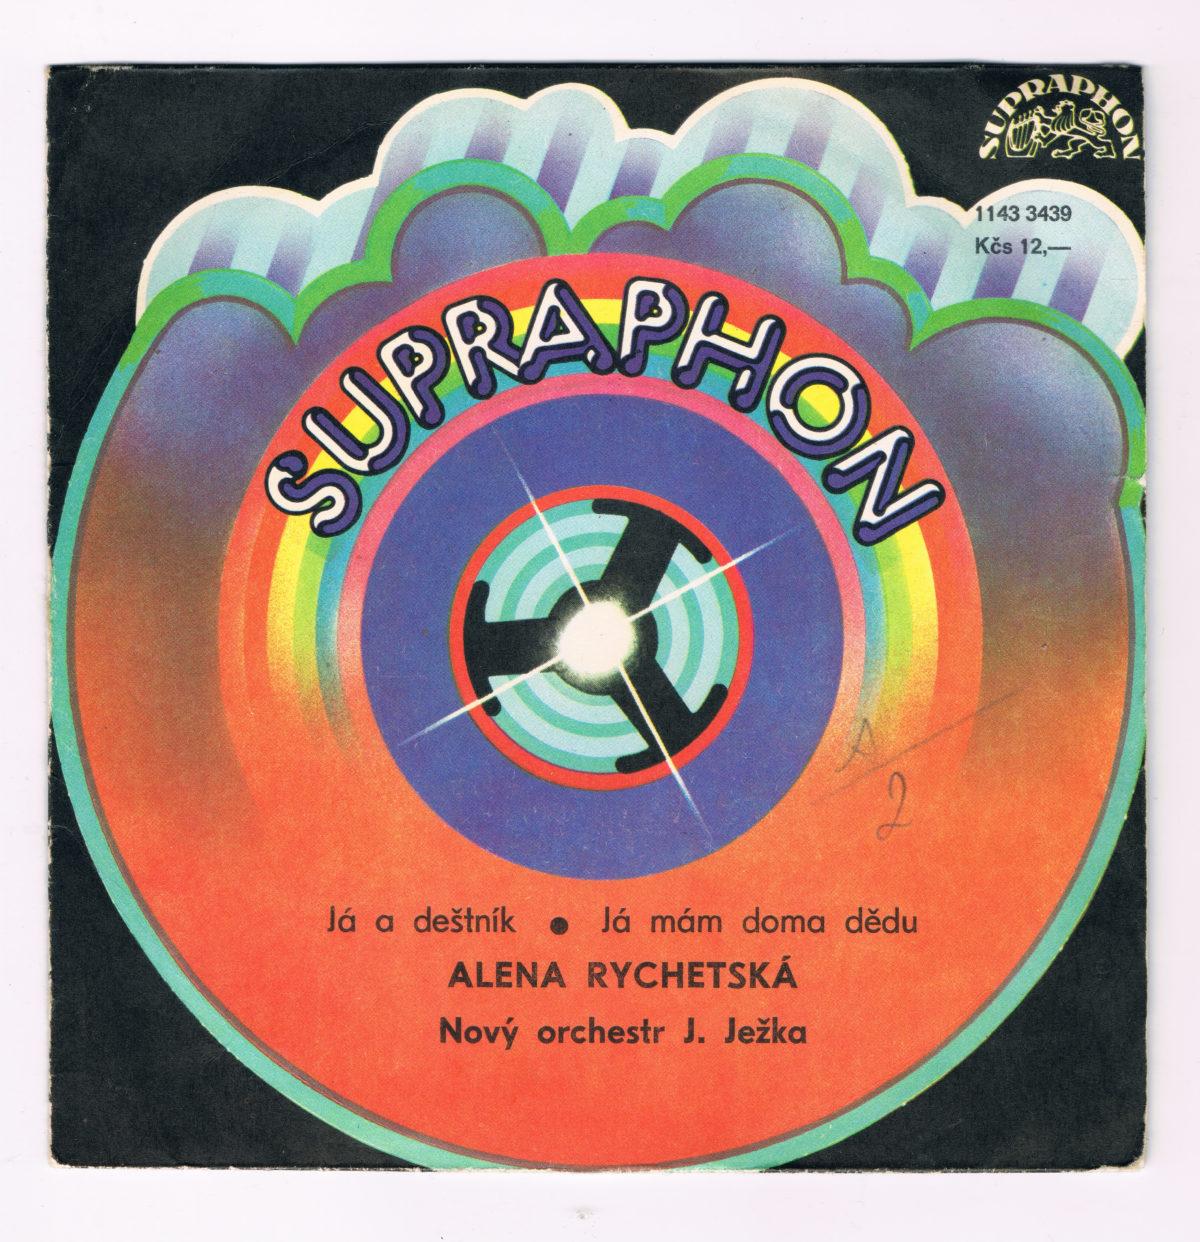 Disco style Supraphon generic sleeve